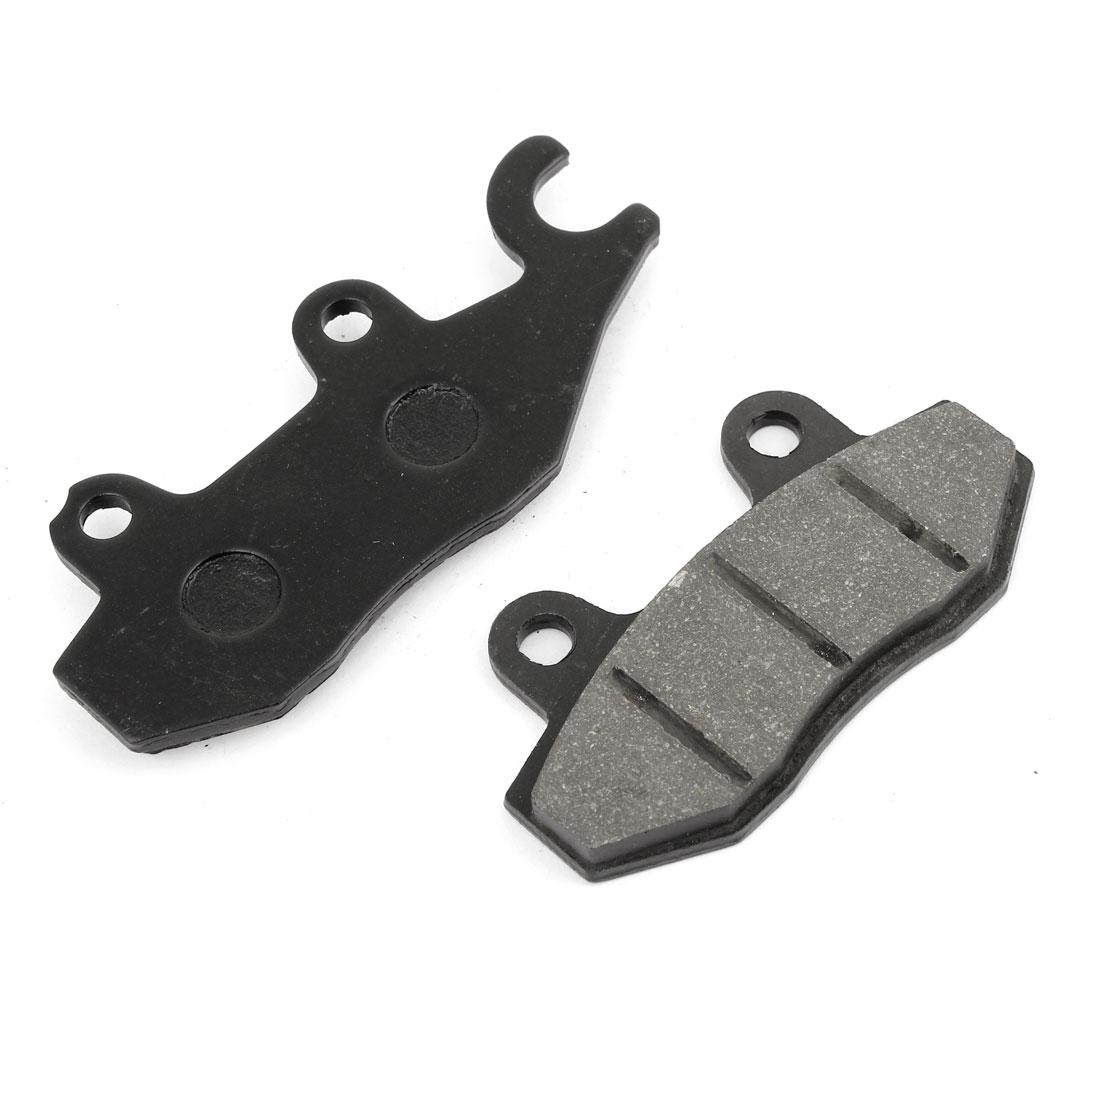 2 Pcs Black Motorcycle Front Ceramic Disc Brake Pads for HJ125K